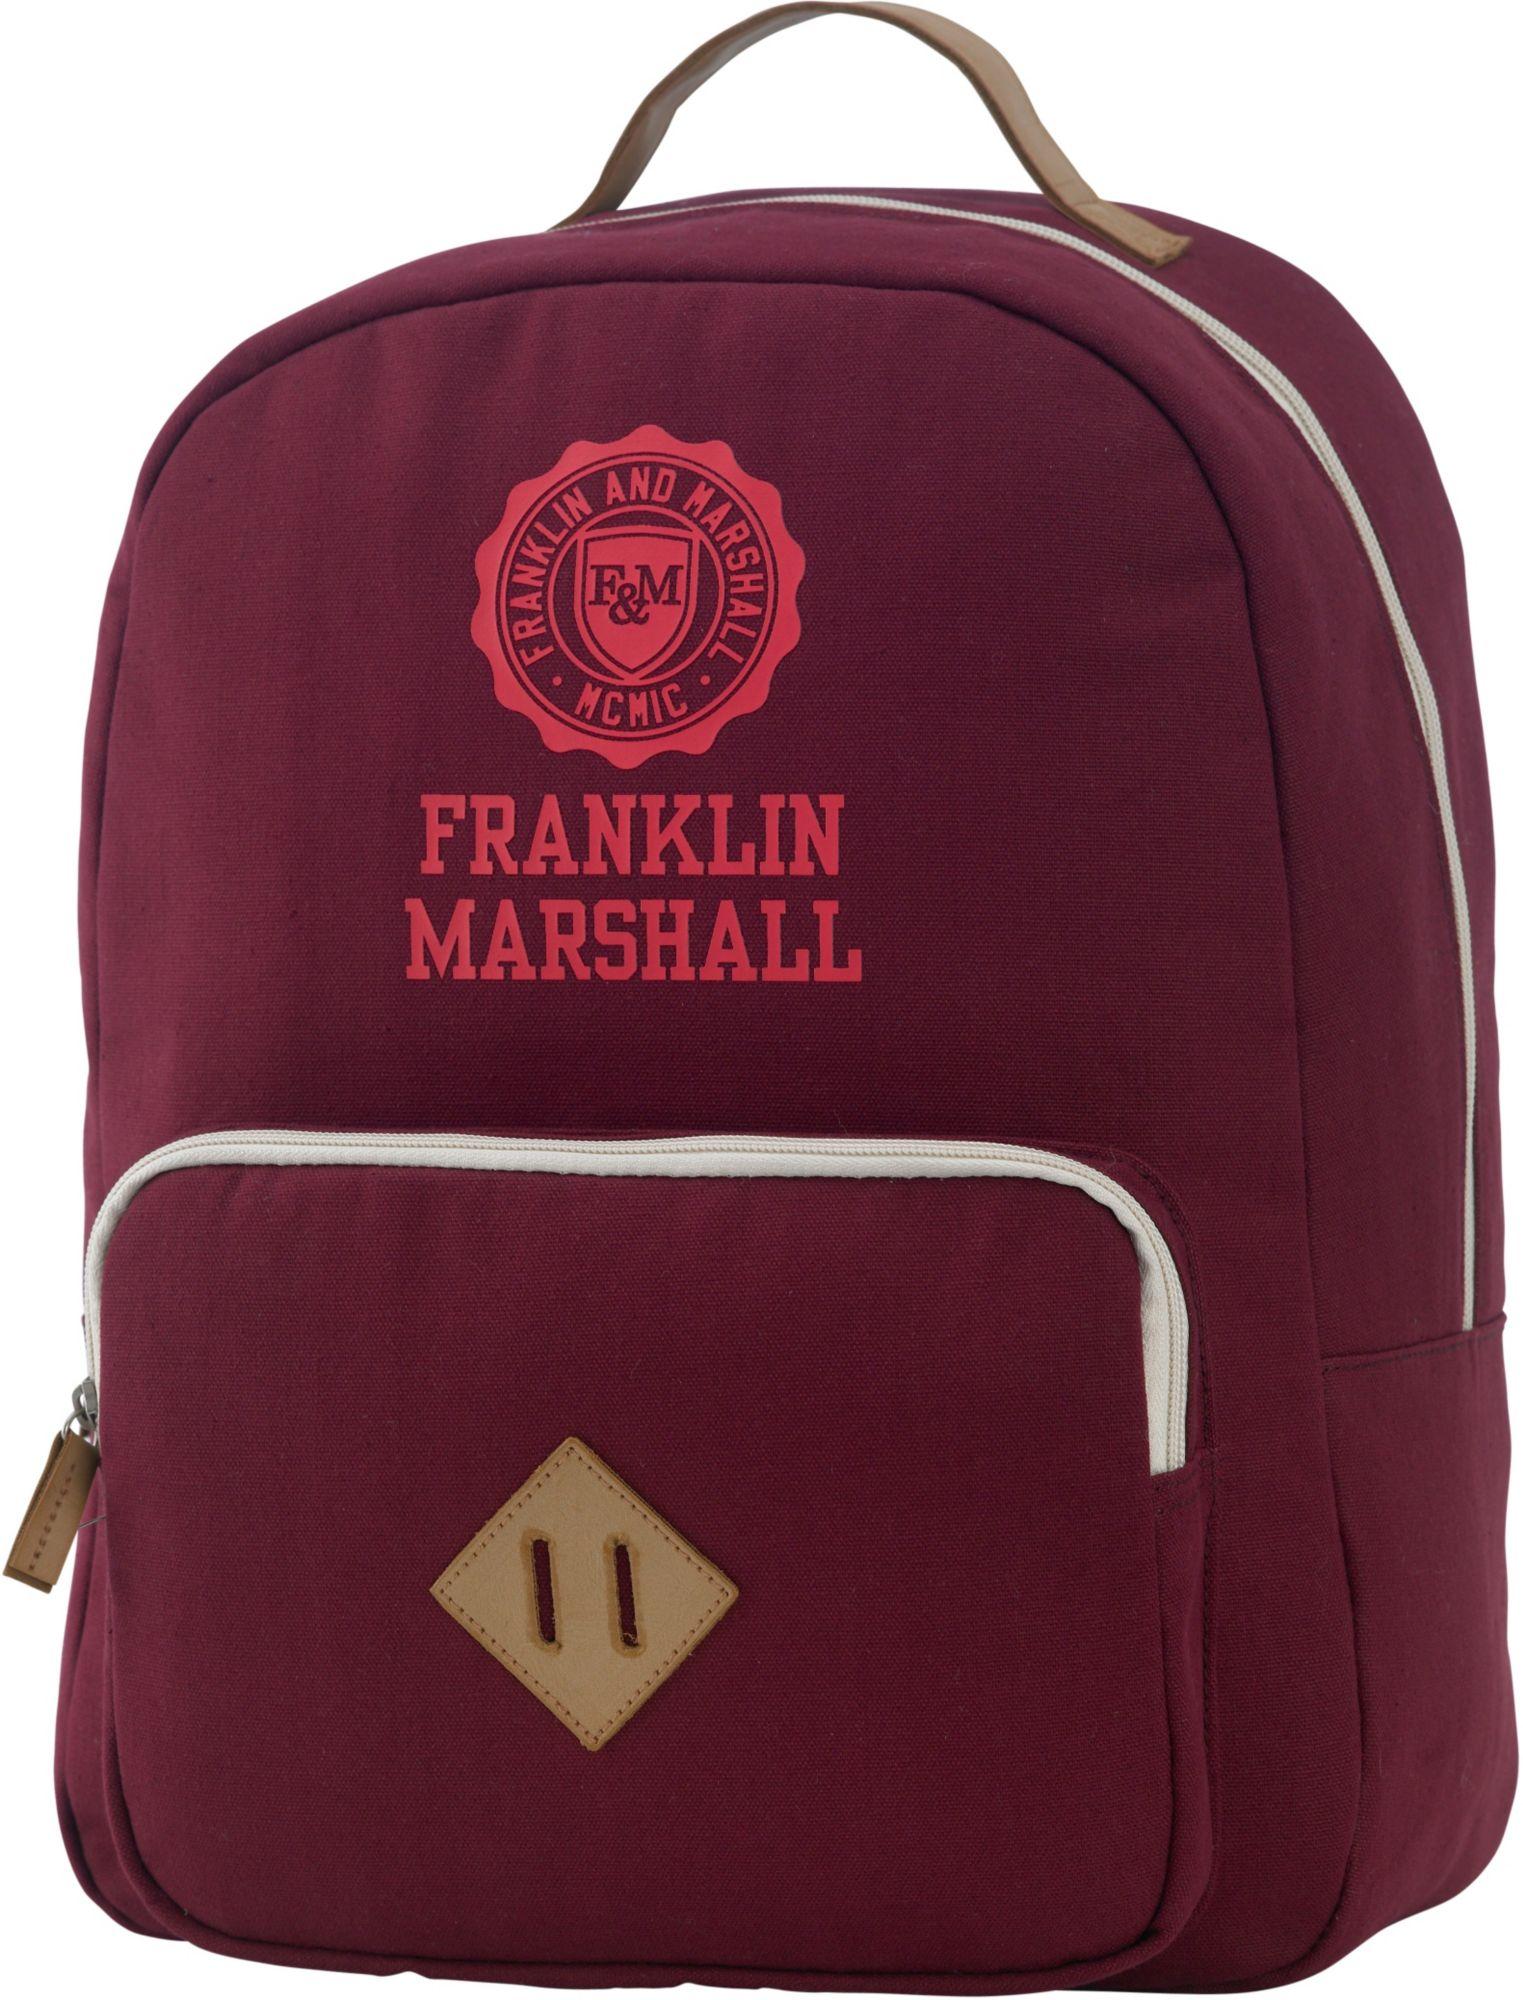 FRANKLIN MARSHALL Franklin & Marshall, Rucksack mit gepolstertem Laptopfach, »Girls Backpack, bordeaux rot«